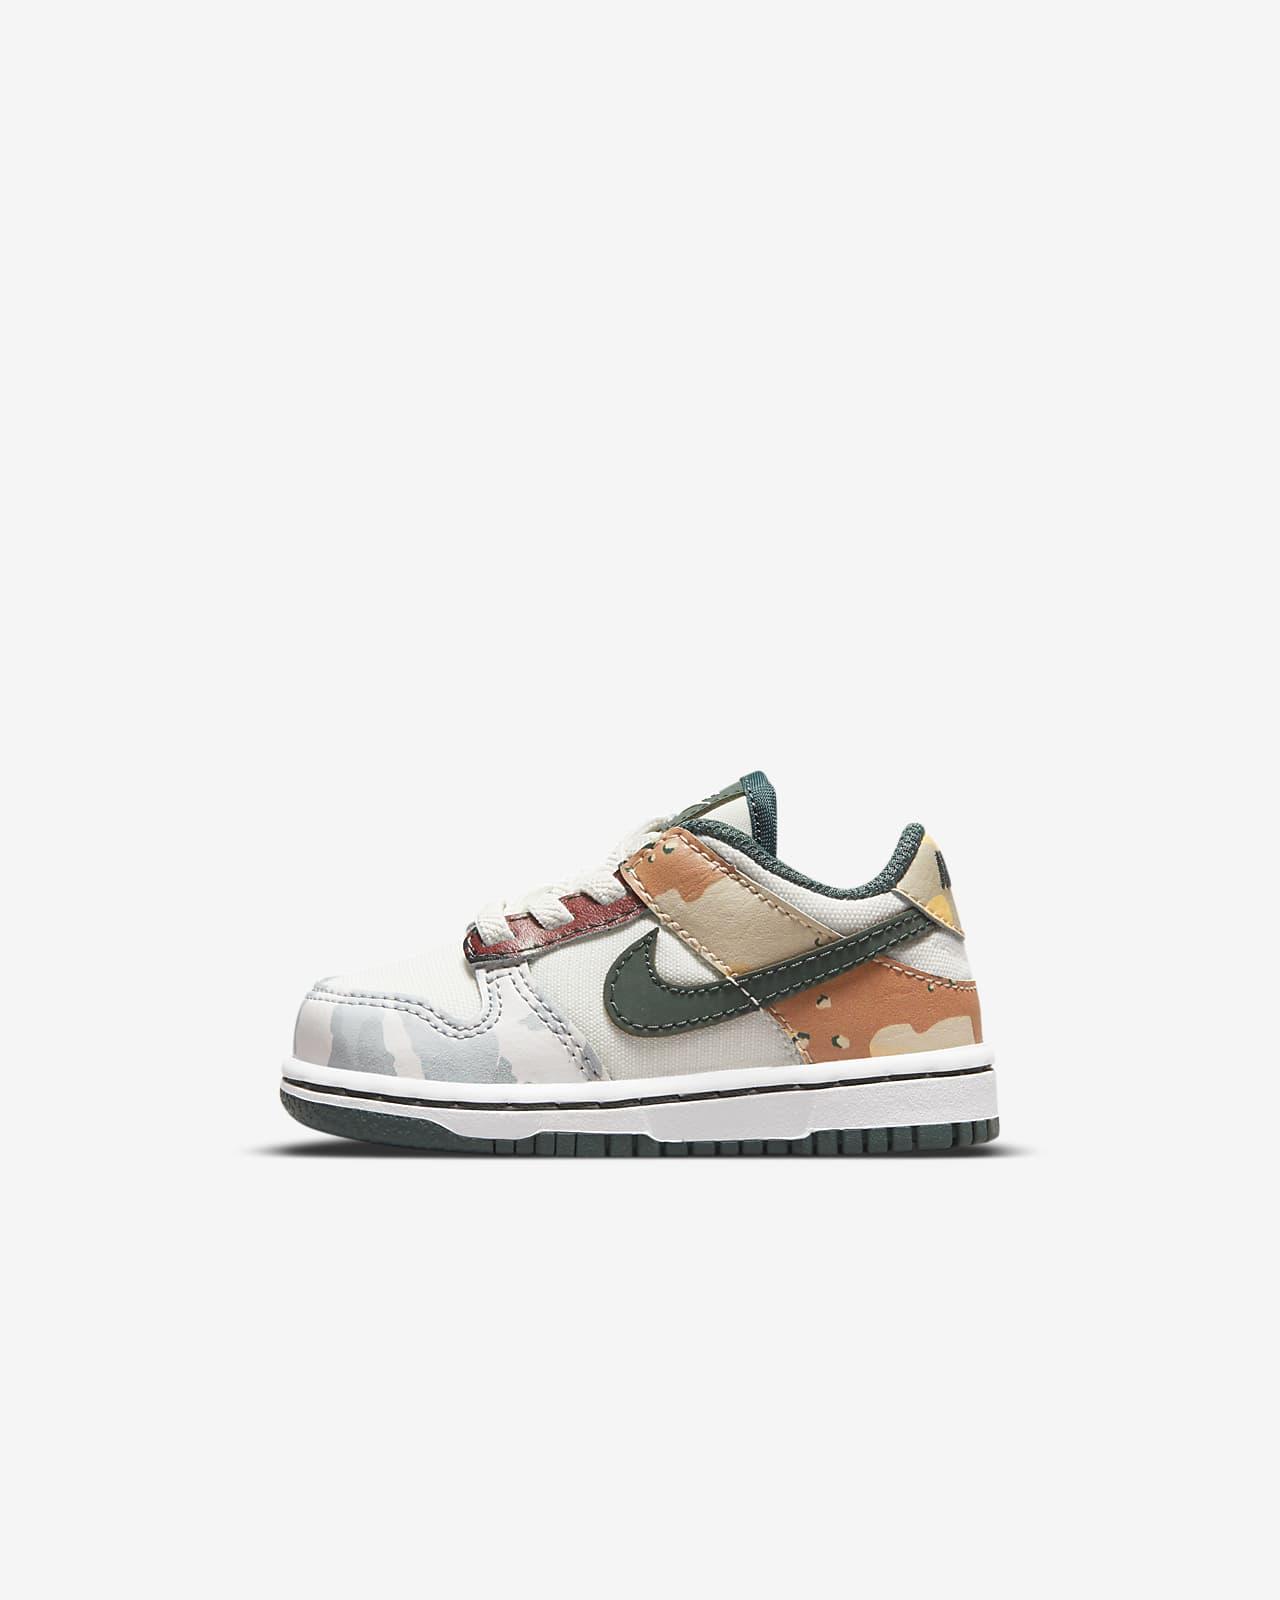 Nike Dunk Low SE (TDE) 婴童运动童鞋